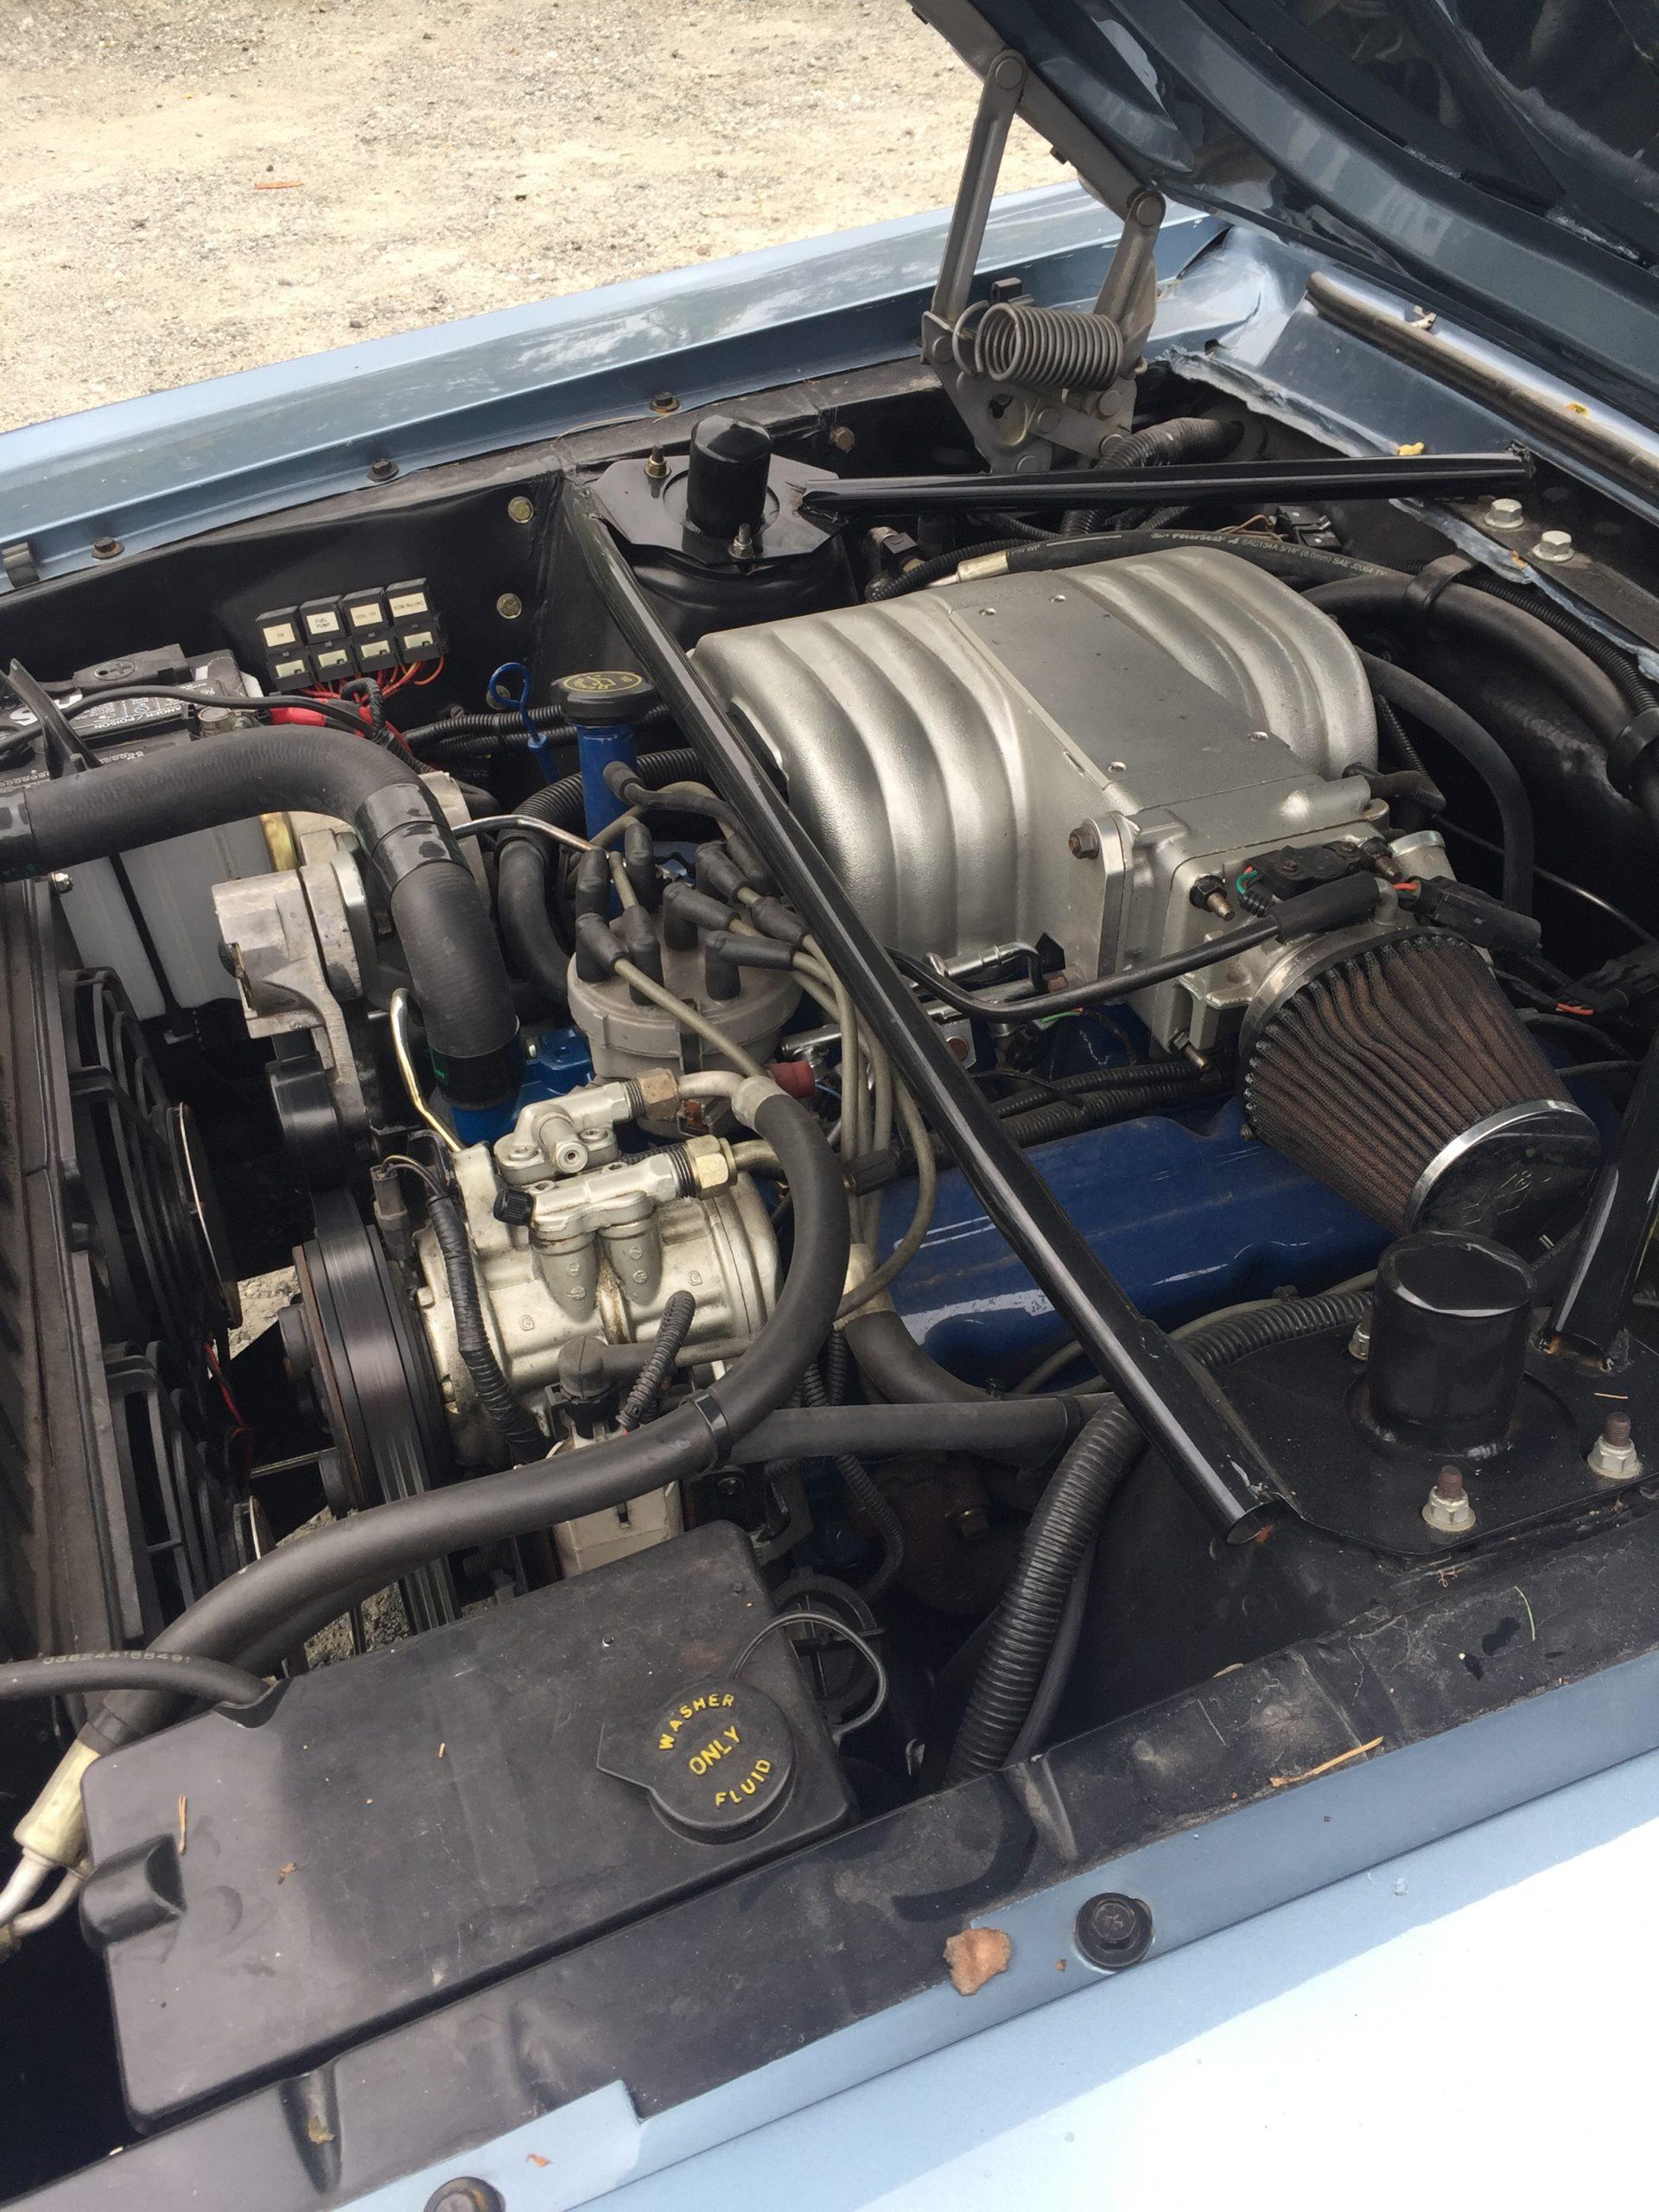 68 FMC - 10